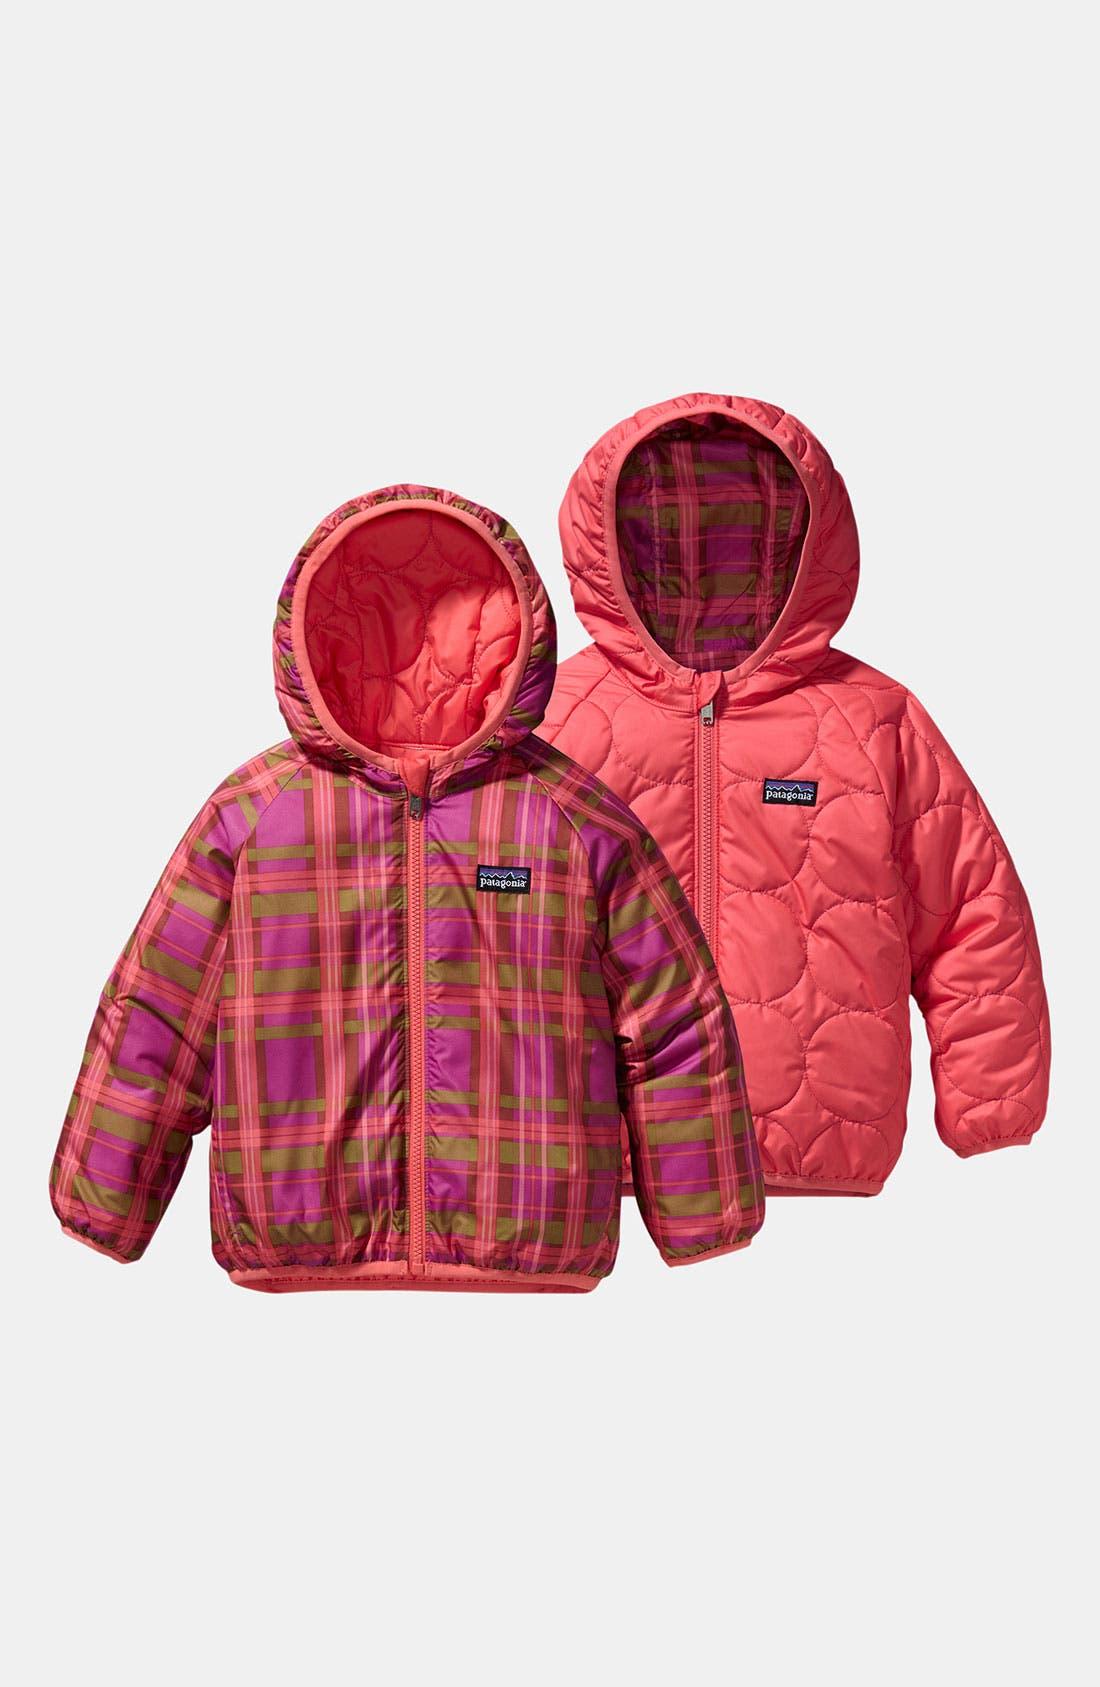 Main Image - Patagonia 'Puff-Ball' Reversible Jacket (Toddler)